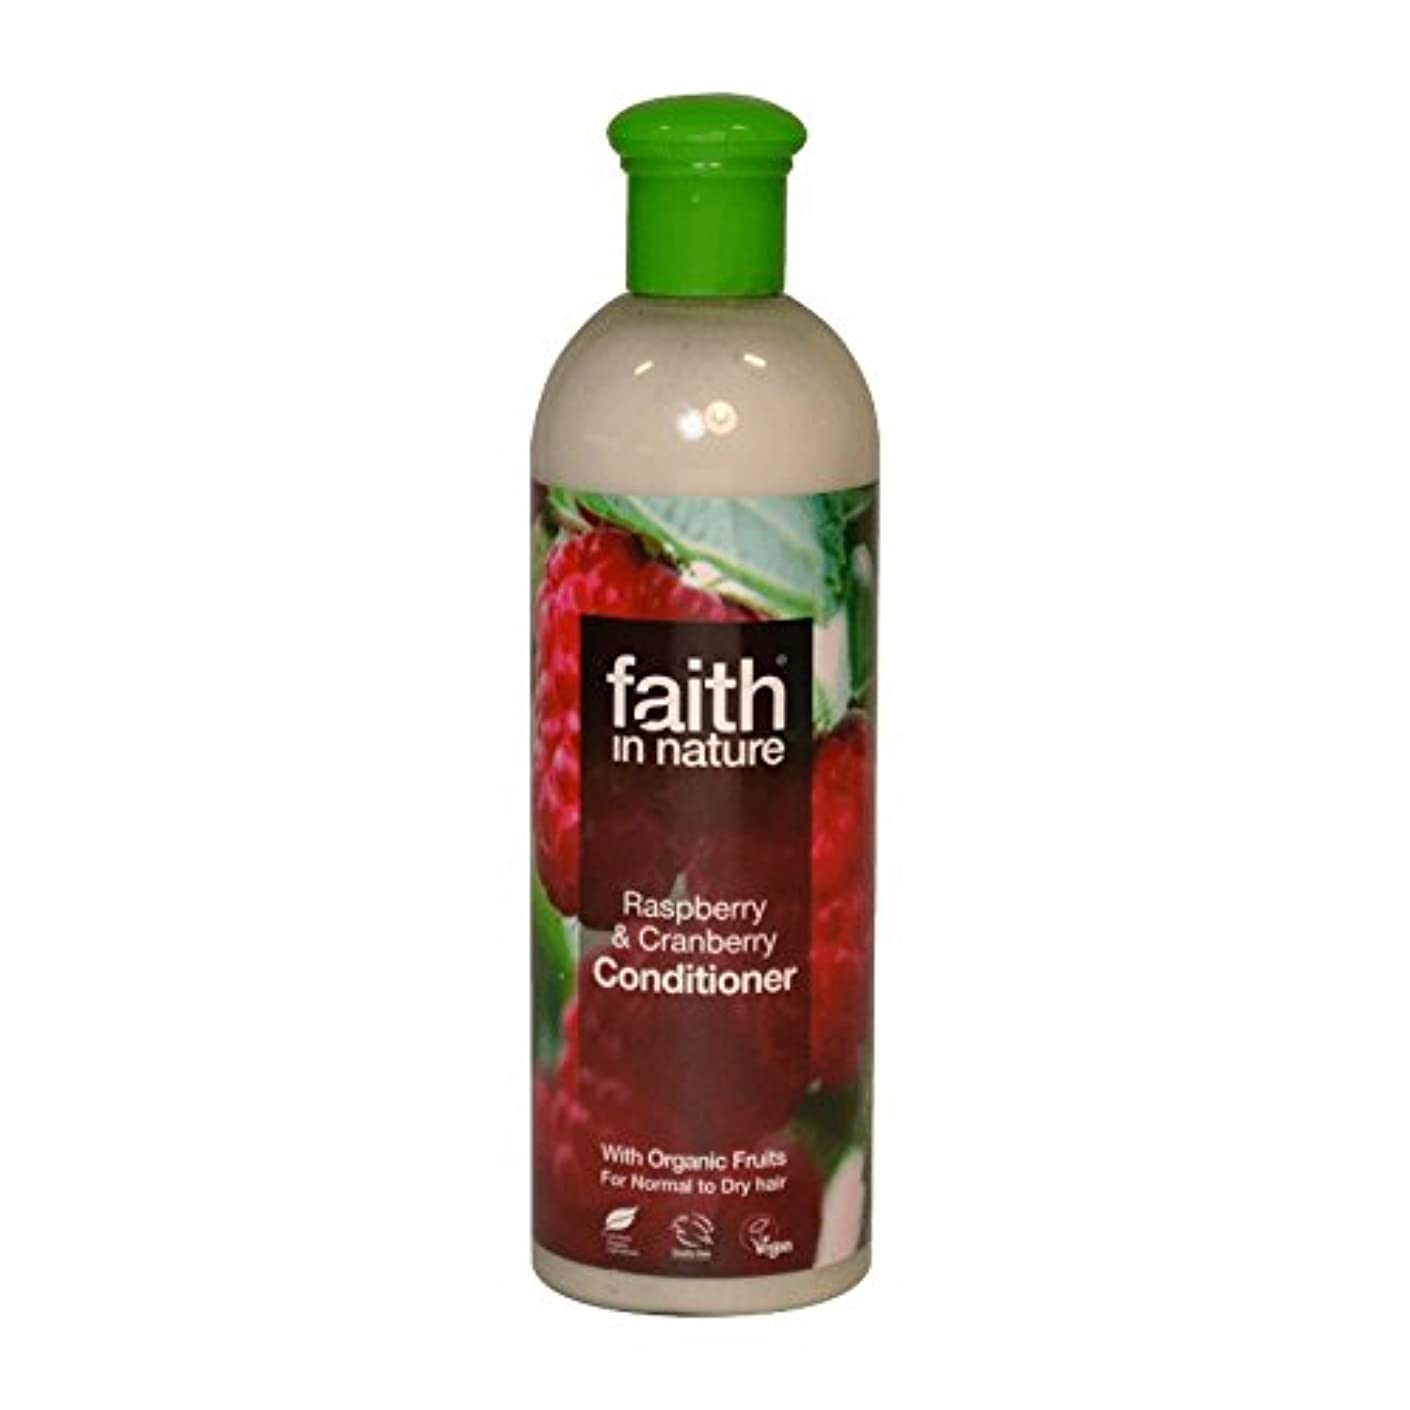 赤面毛細血管ゴールFaith in Nature Raspberry & Cranberry Conditioner 400ml (Pack of 6) - 自然ラズベリー&クランベリーコンディショナー400ミリリットルの信仰 (x6) [並行輸入品]